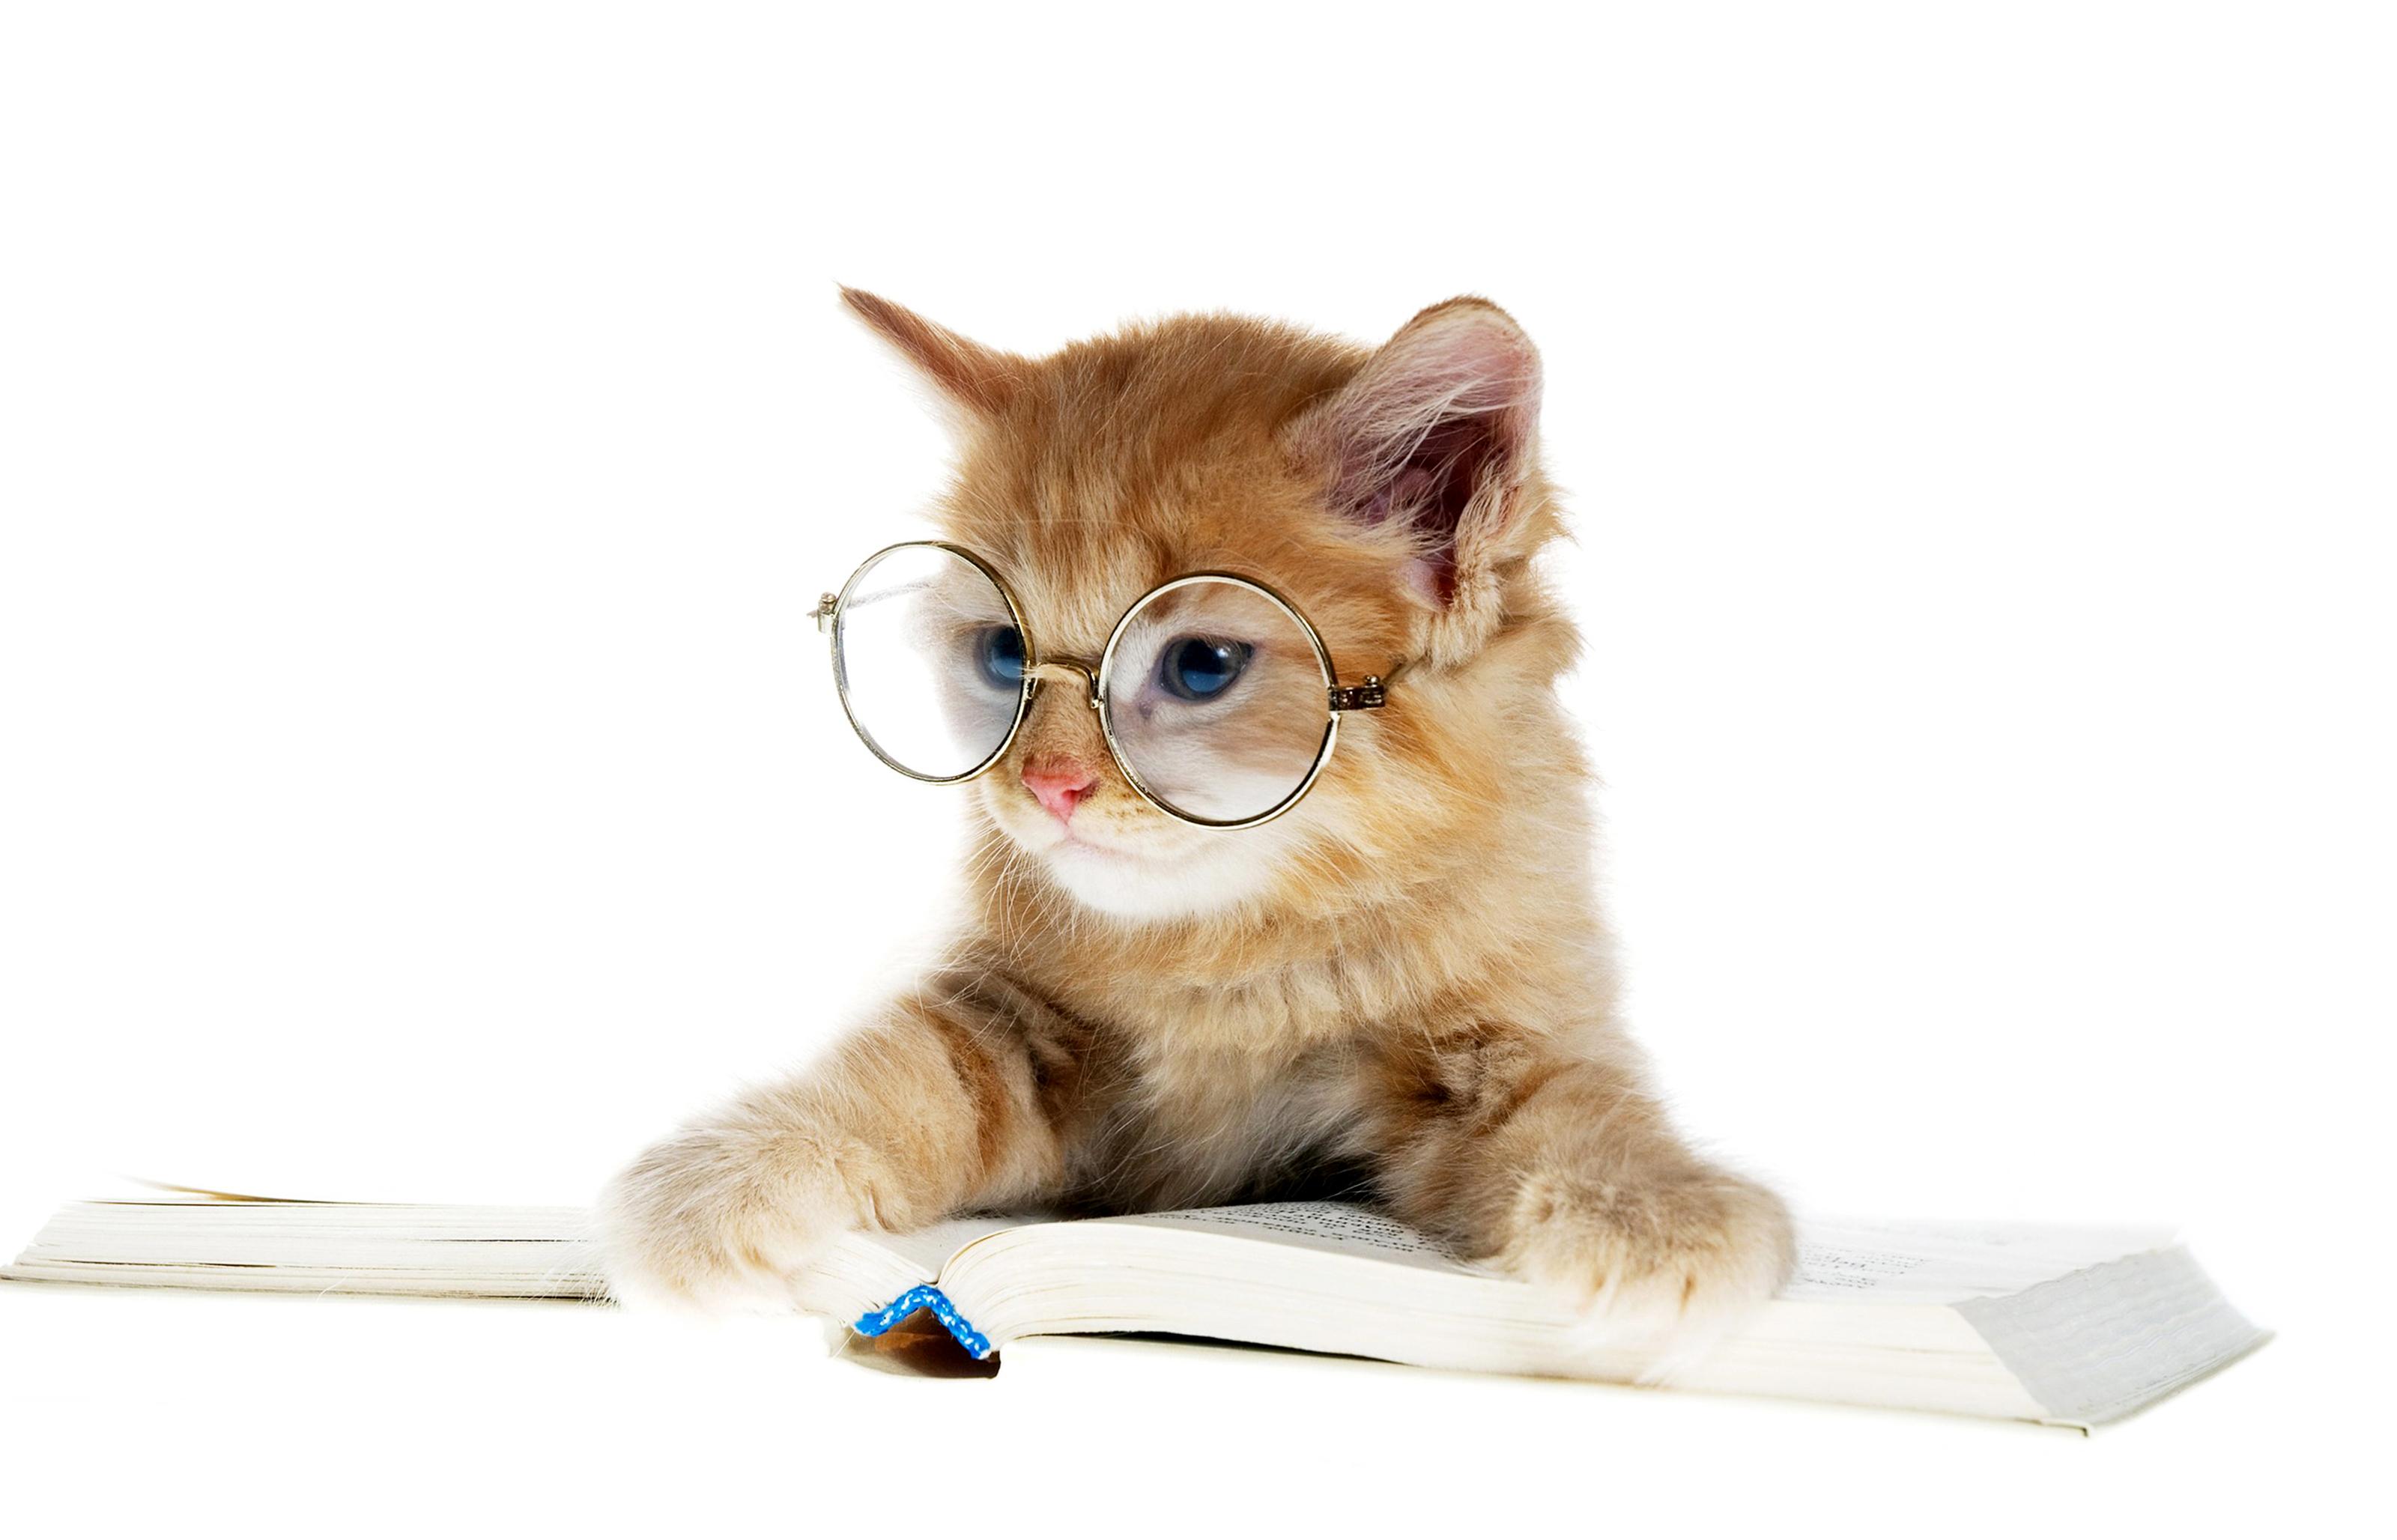 картинки умных кошек далее как